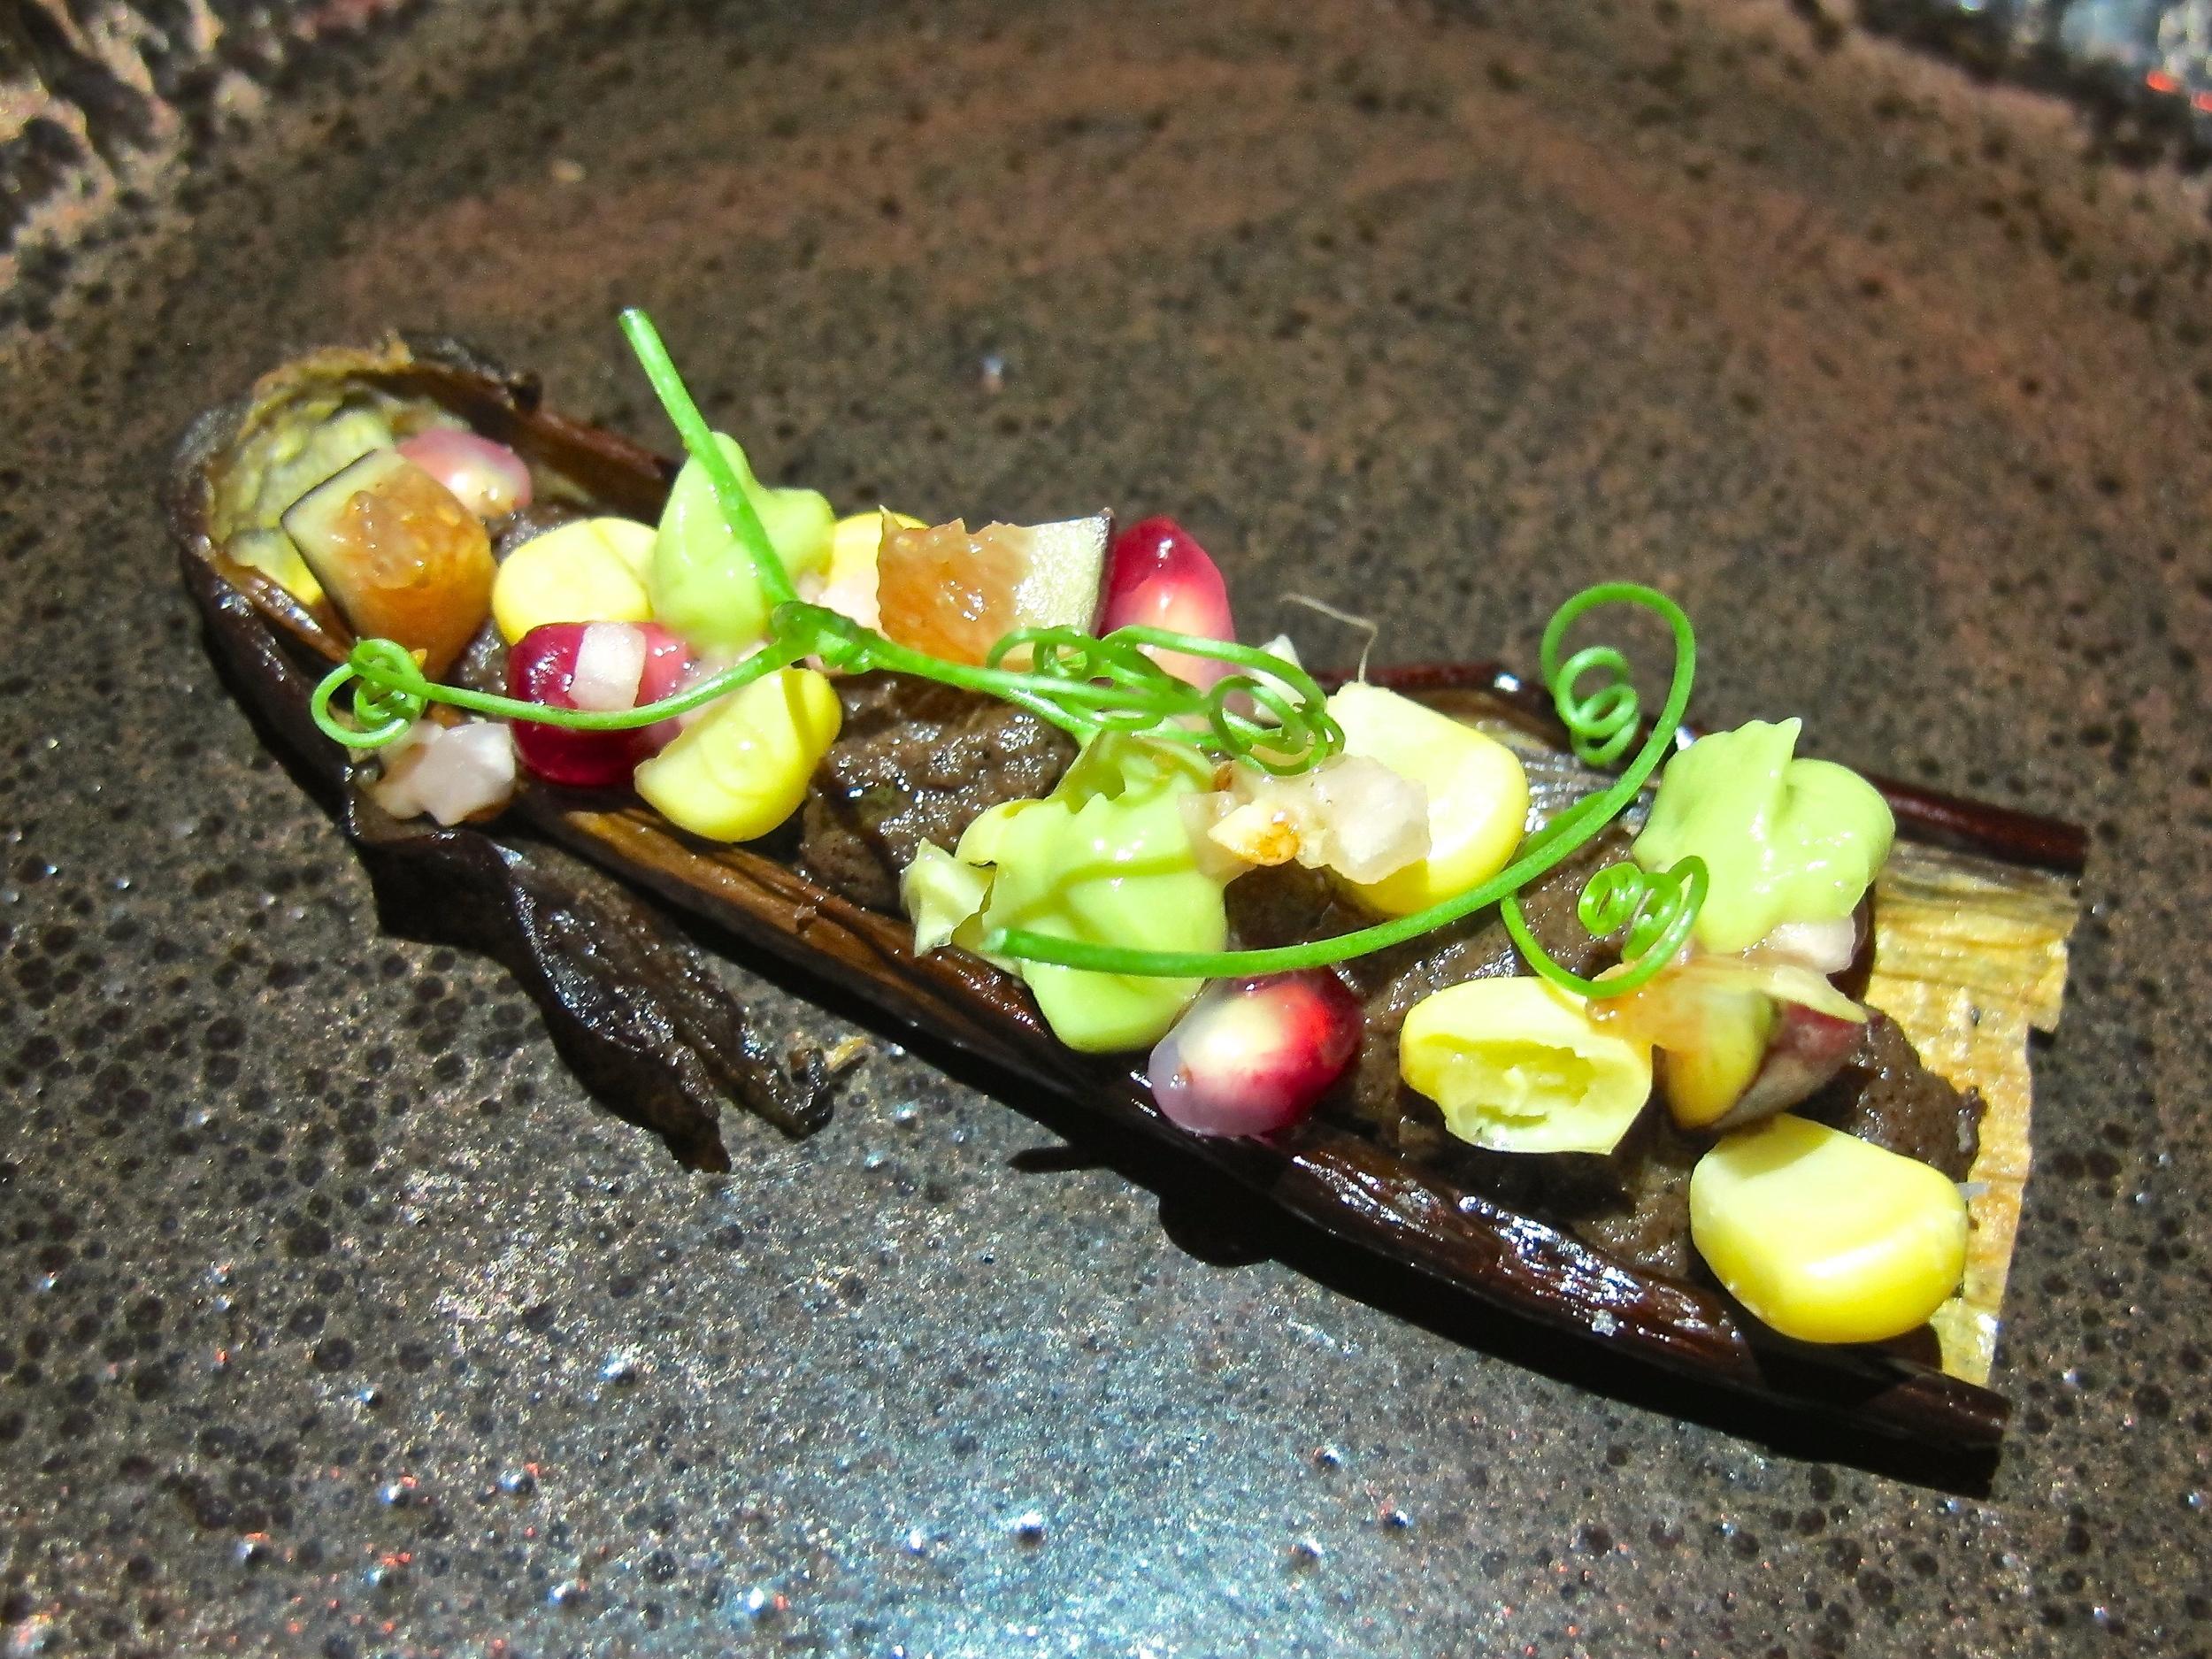 Gadarene Swine eggplant